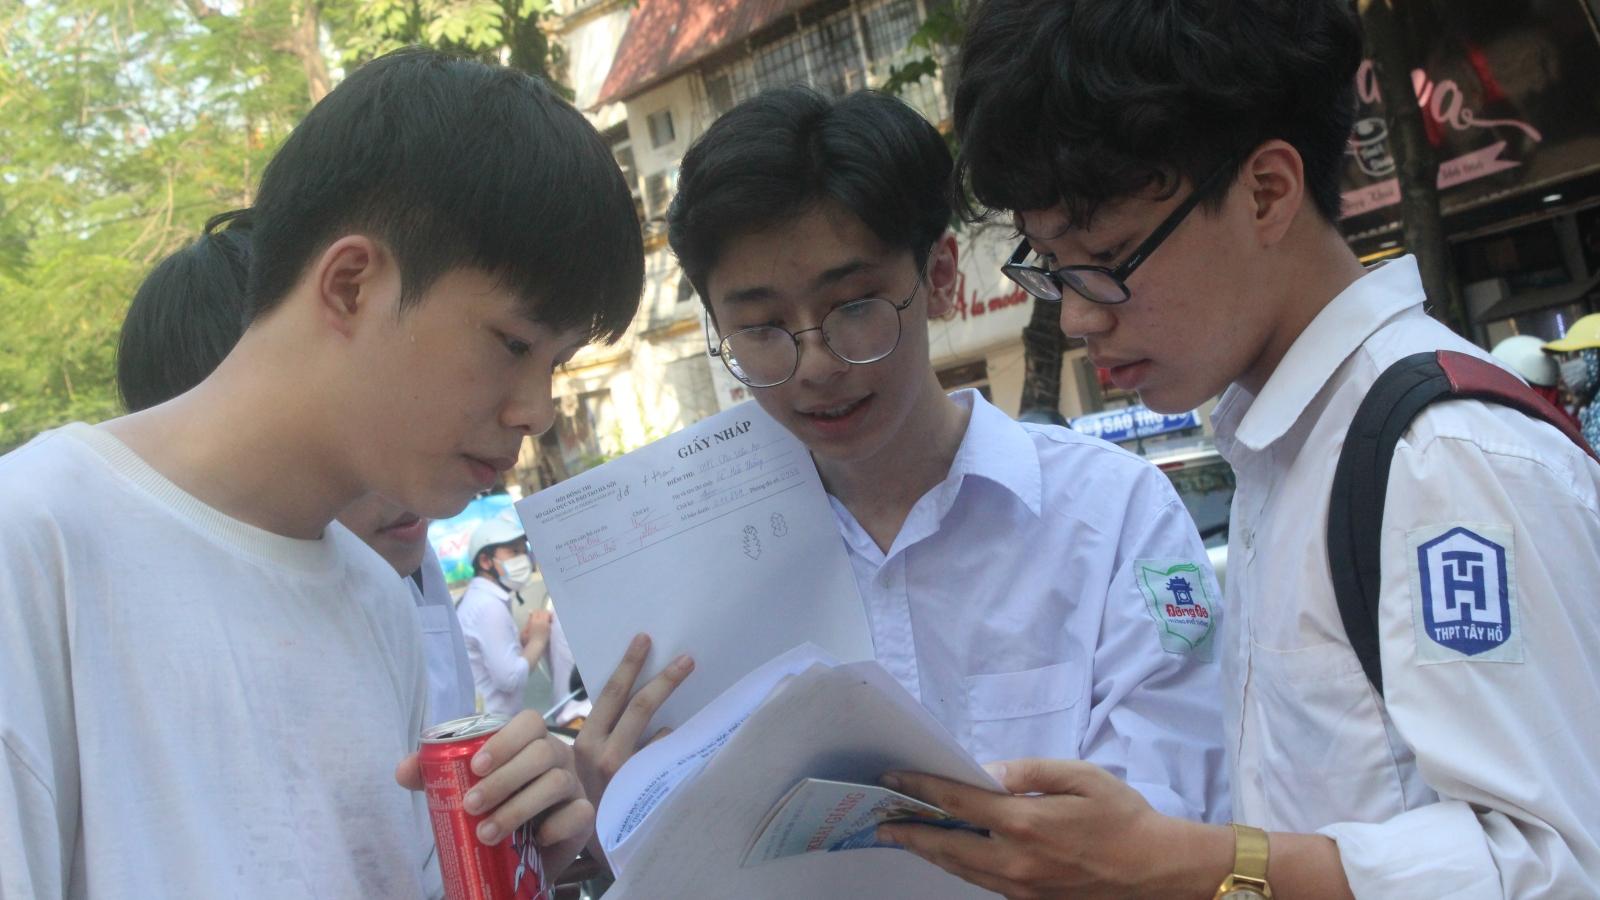 ĐH Công nghiệp Hà Nội tuyển không giới hạn thí sinh là học sinh giỏi quốc gia